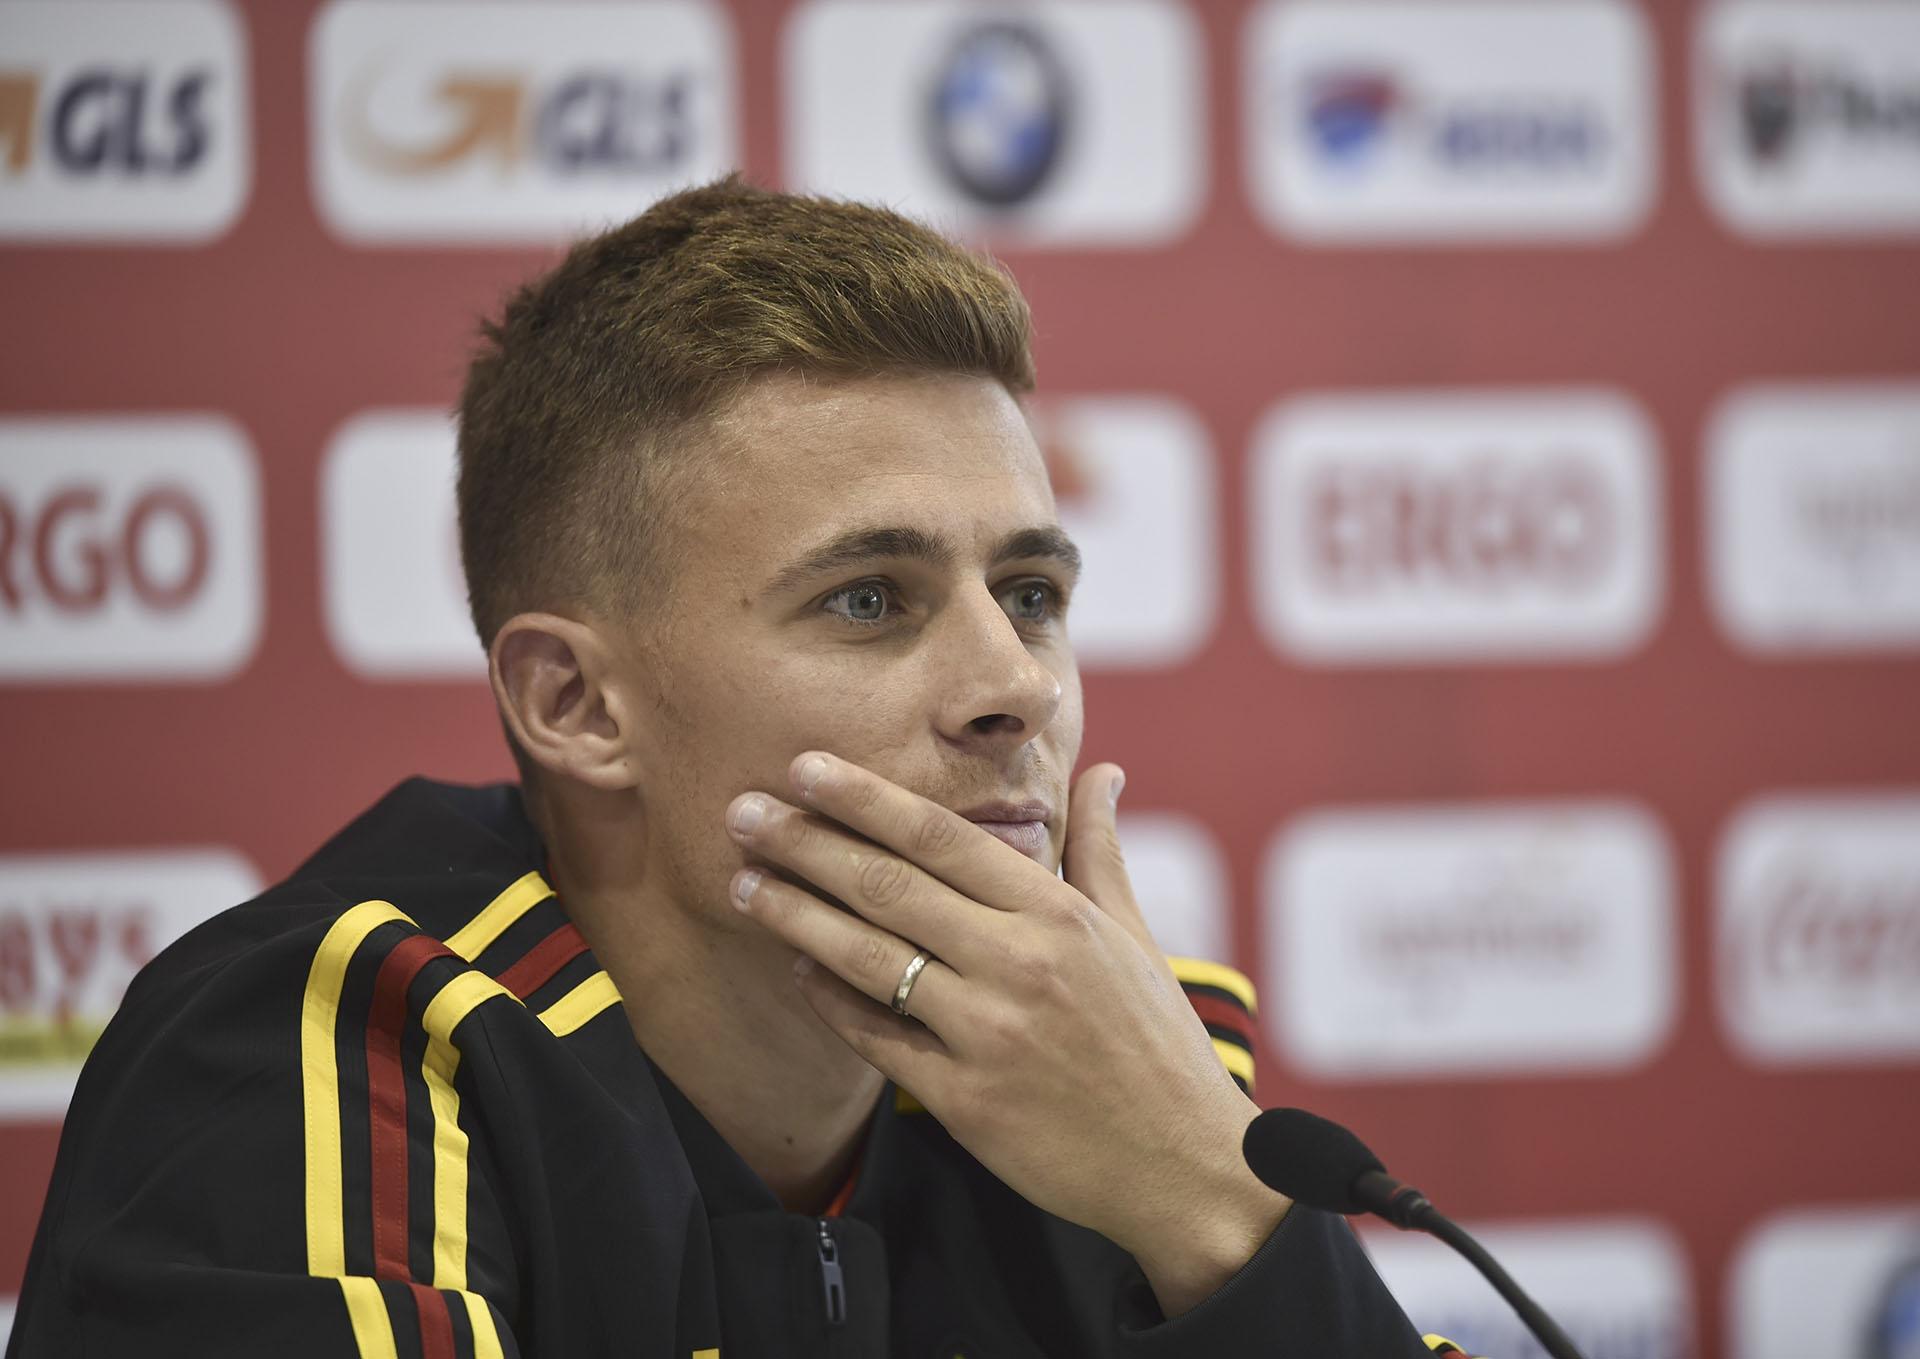 Thorgan Hazard, Bélgica, 25 años, soltero (AFP)